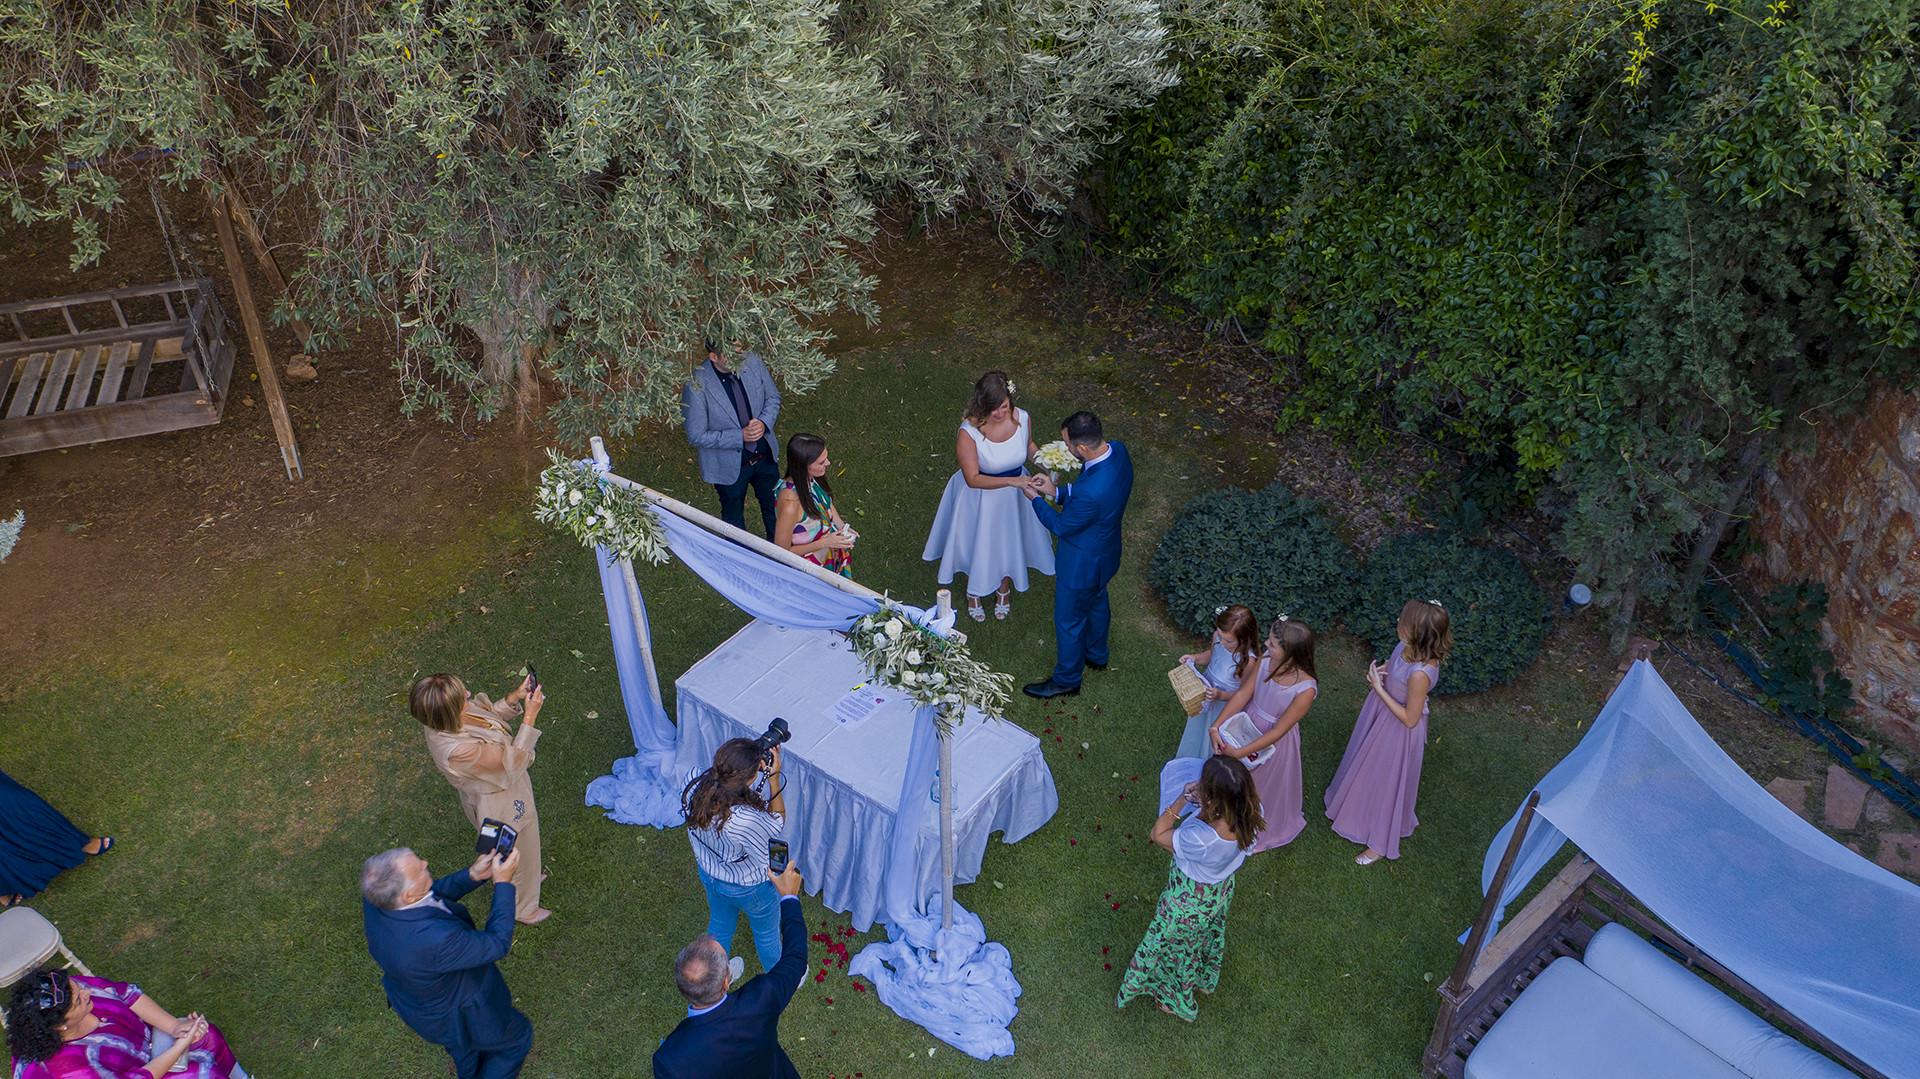 φωτογράφιση γάμου με drone